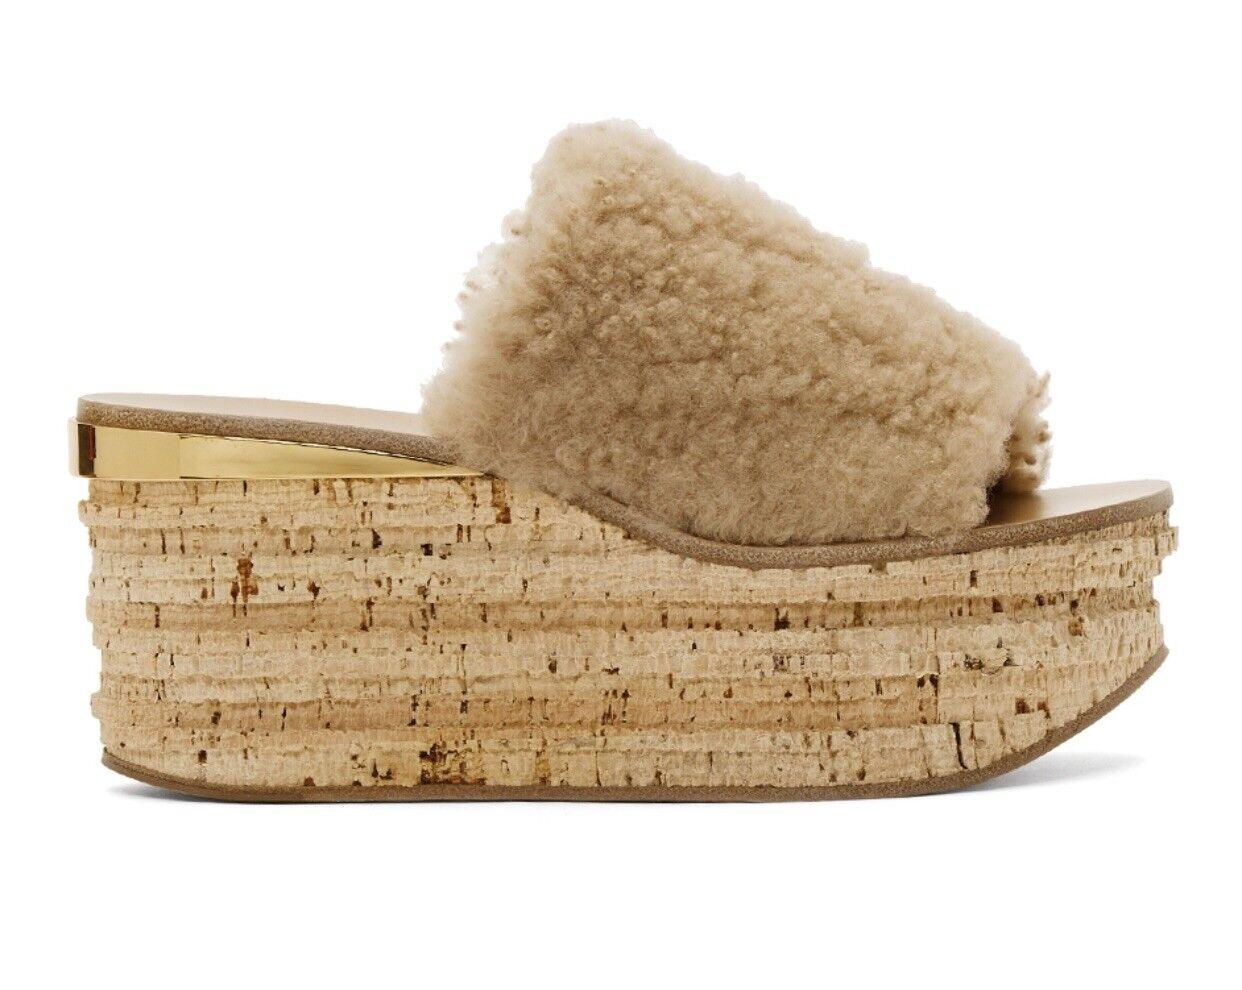 890 Chloe Camille Shearling Fur Platform Slide Sandals Pink Sand Cork 40.5 NIB